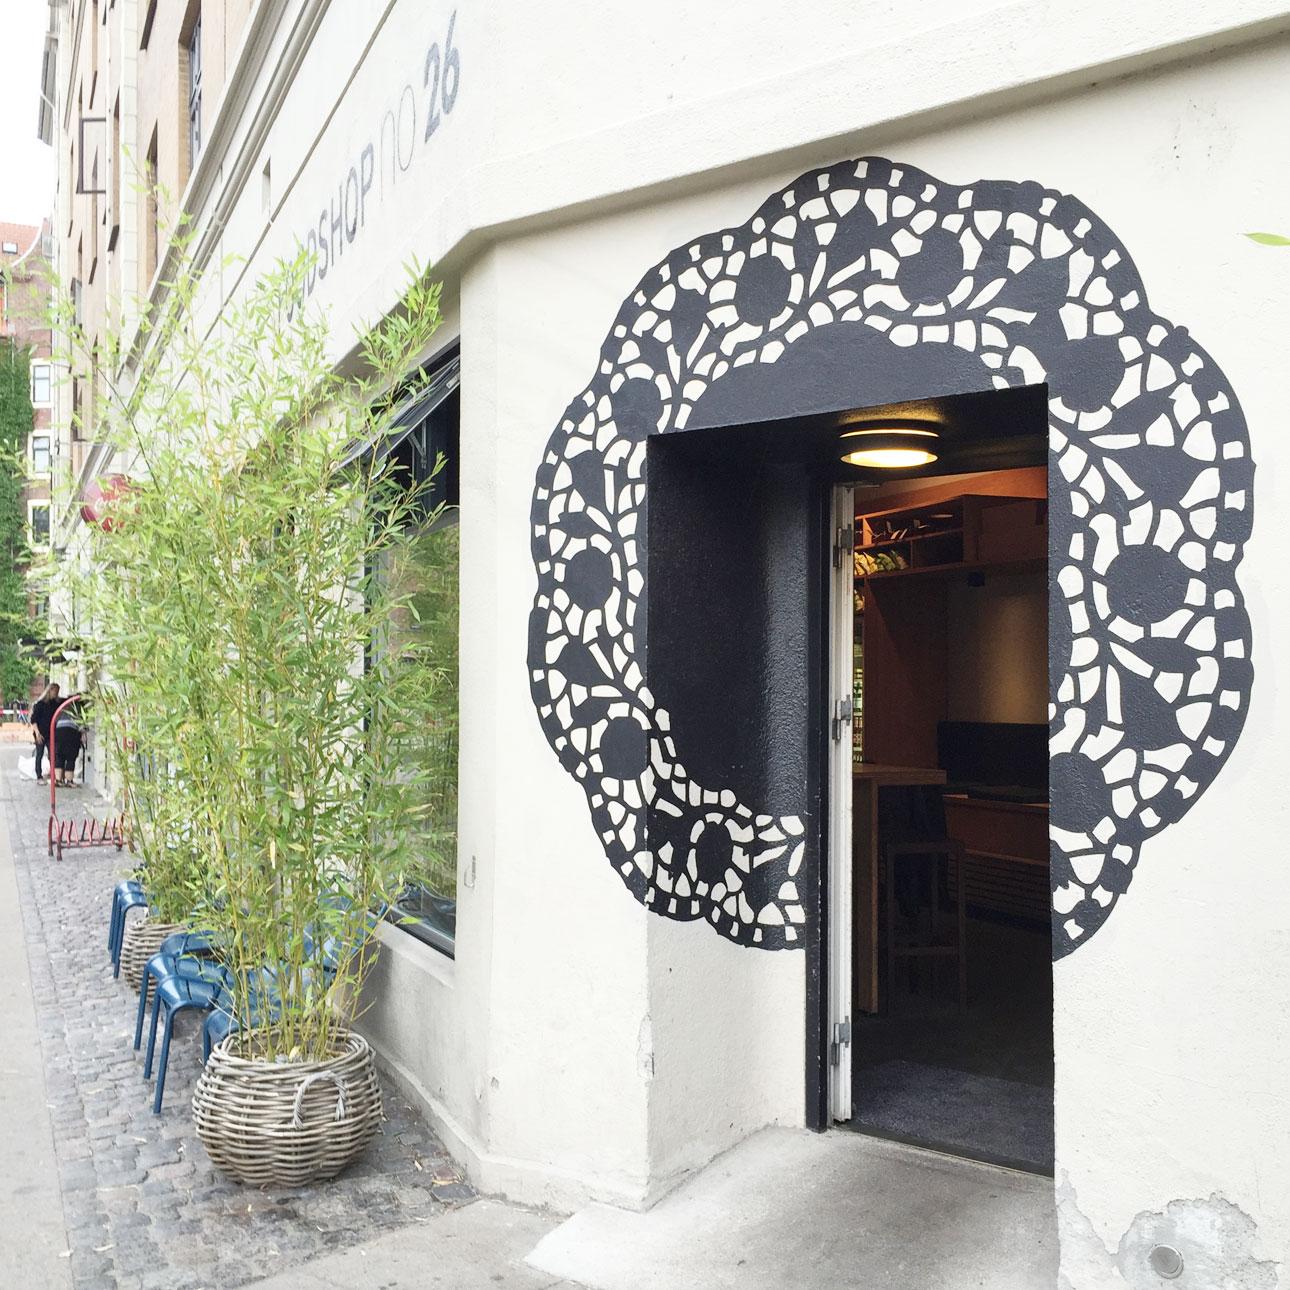 Kopenhagen hotspots foodshop 26 buiten